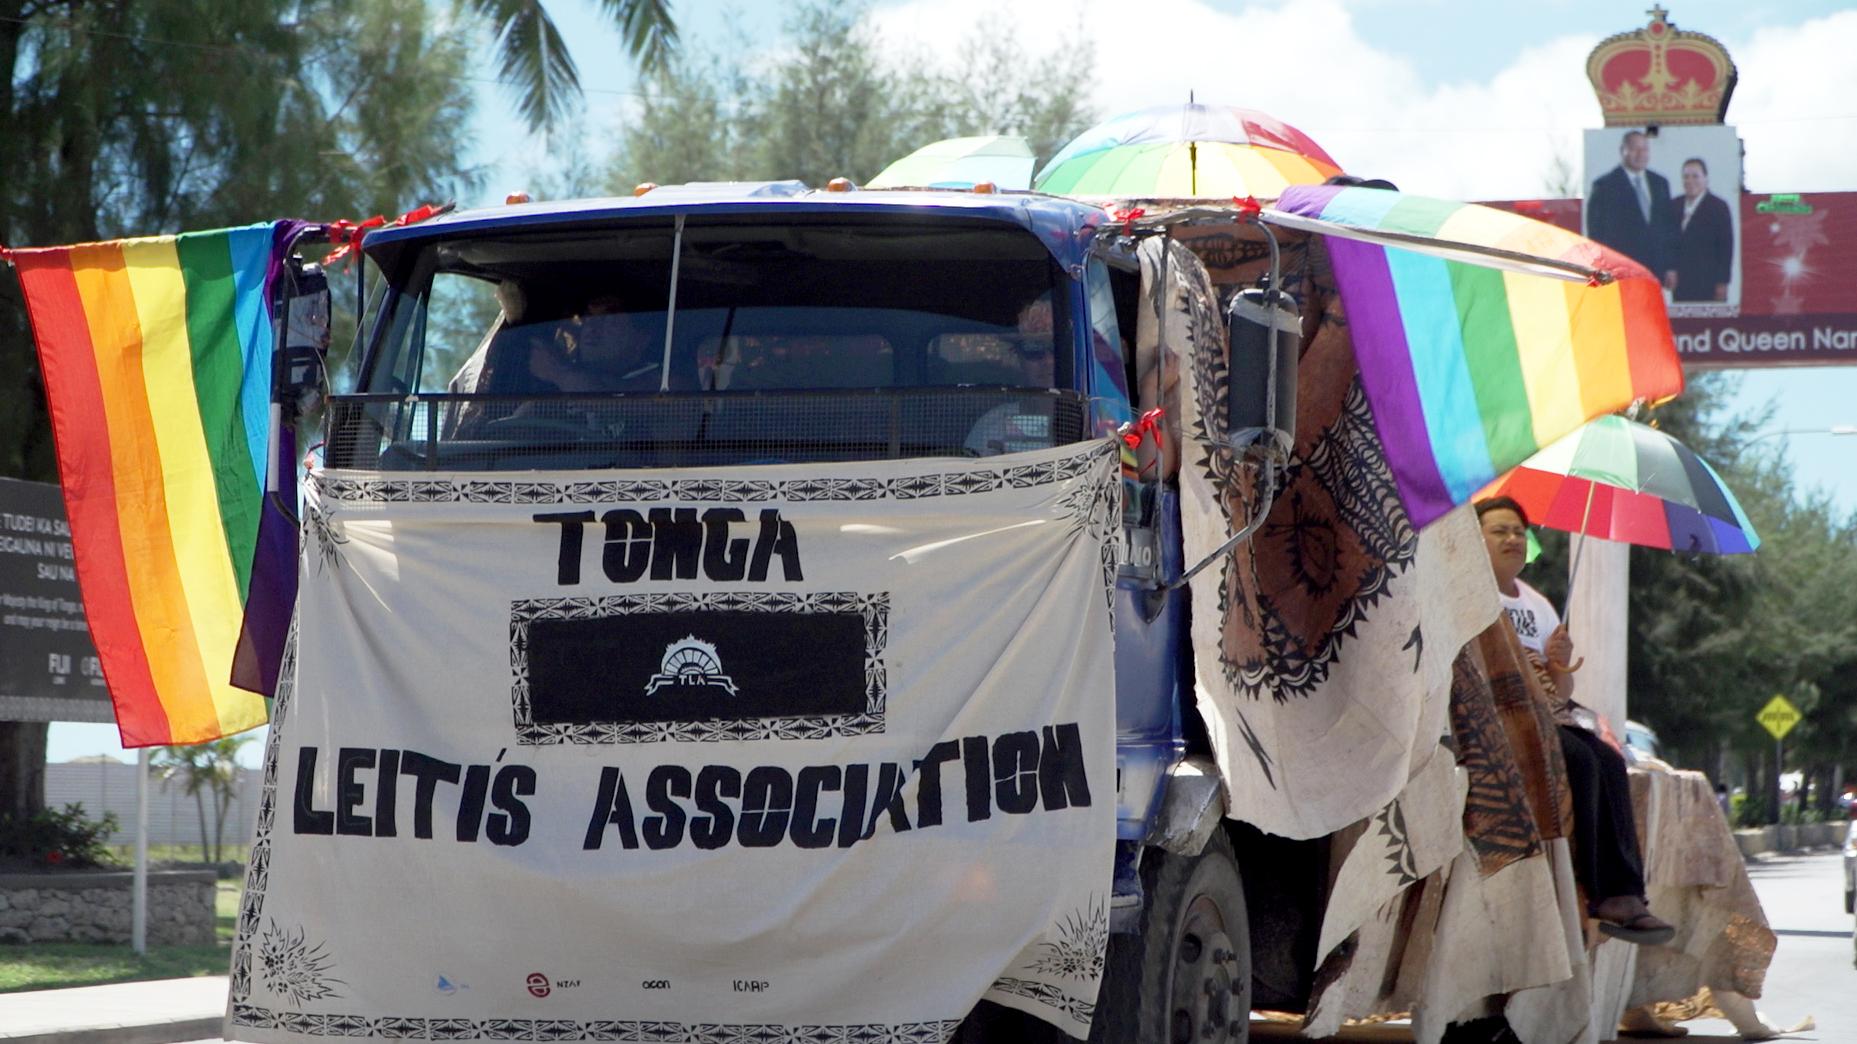 Tapa Pride thumb.jpg